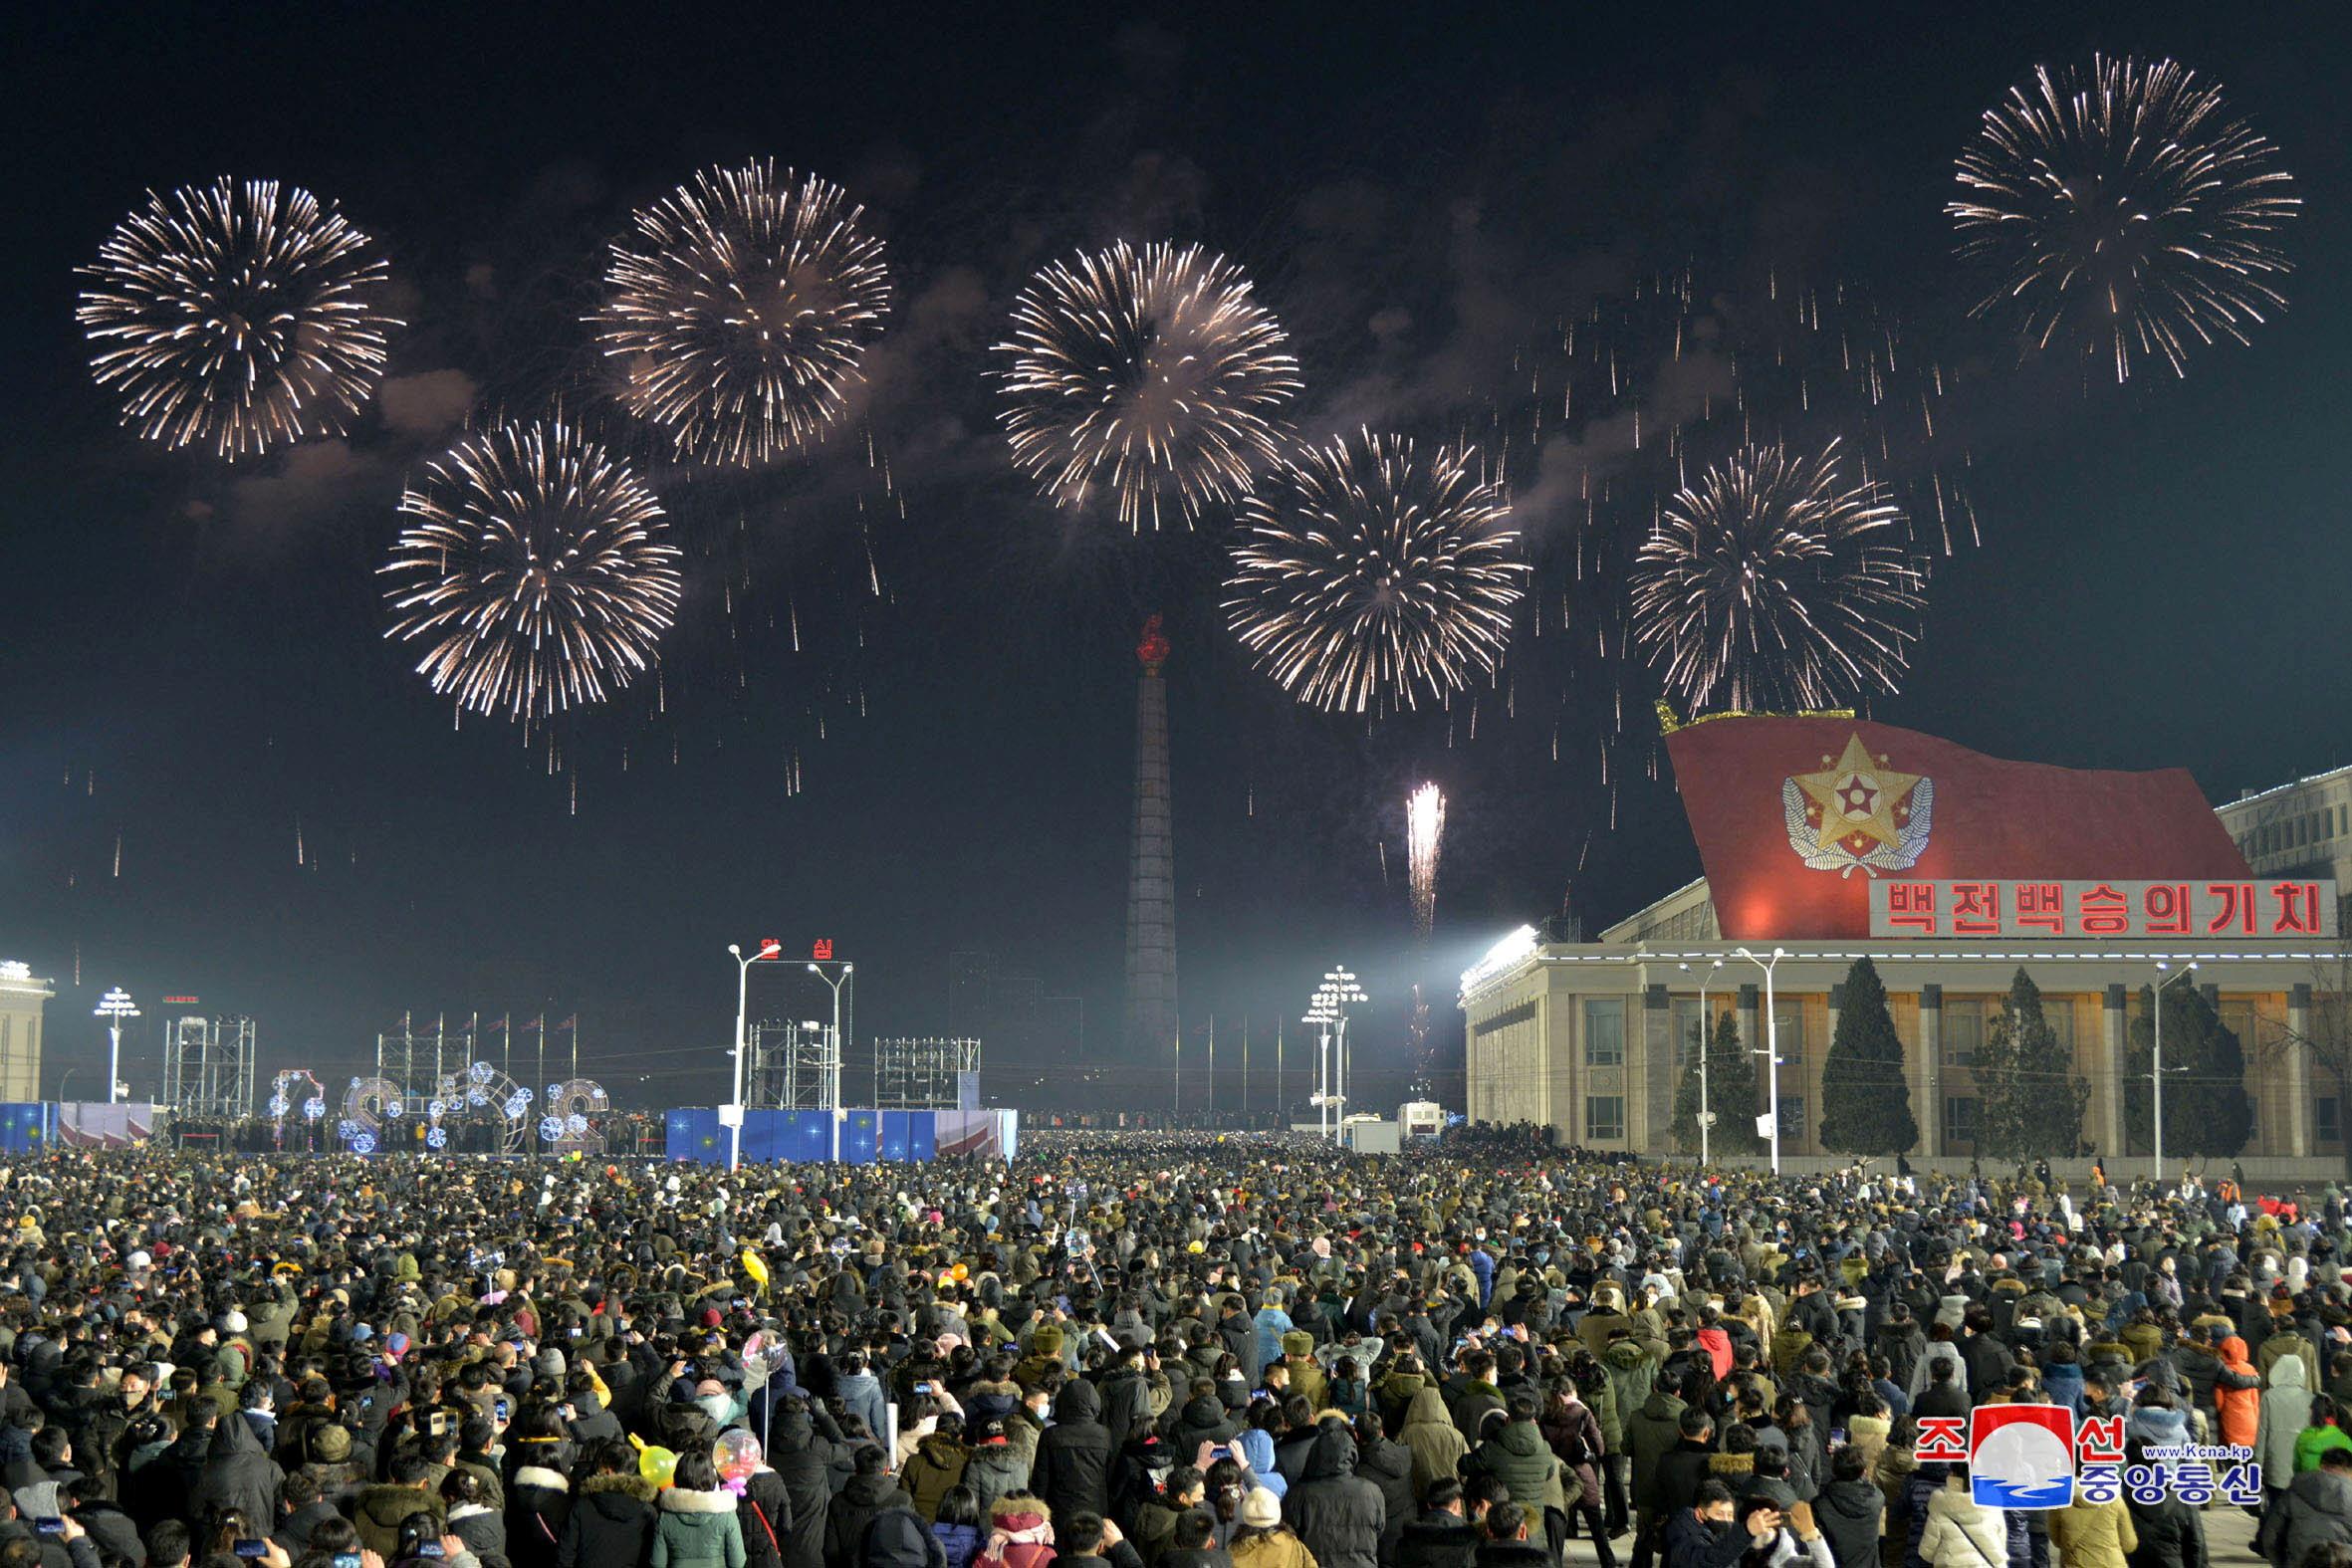 नॉर्थ कोरिया की राजधानी प्योंगयांग में नए साल पर बड़ा समारोह किया गया। इसमें हजारों लोग शामिल हुए।